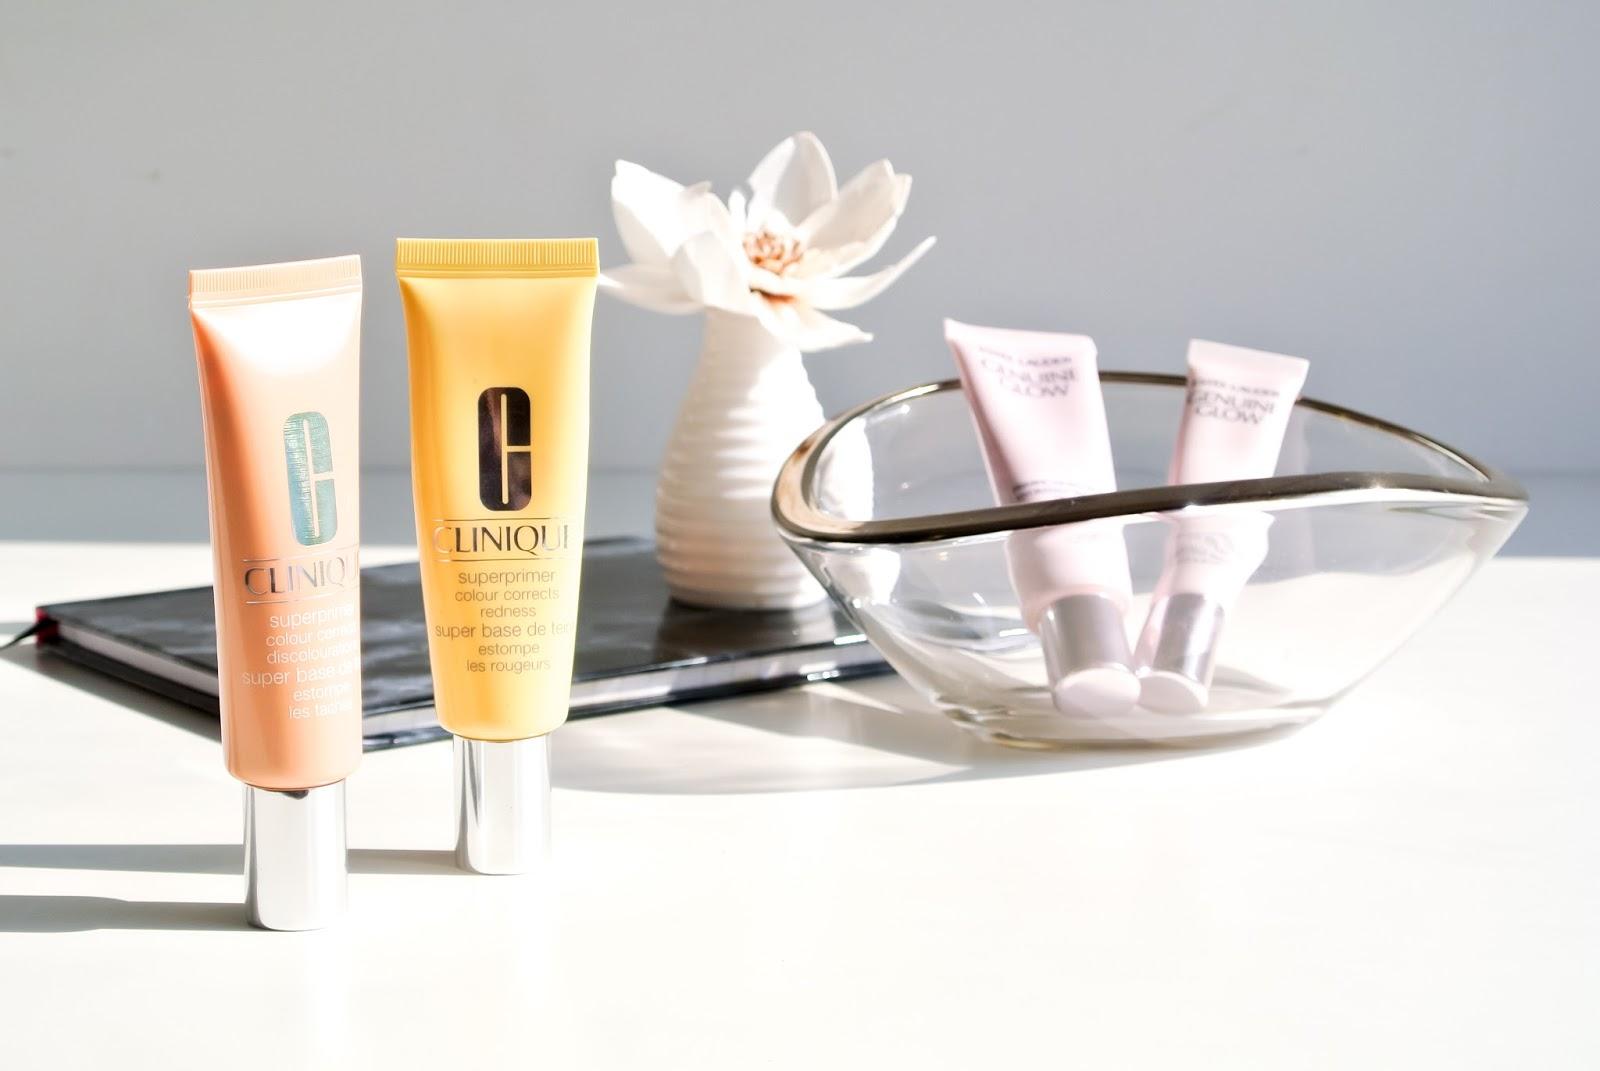 baze pod makeup clinique